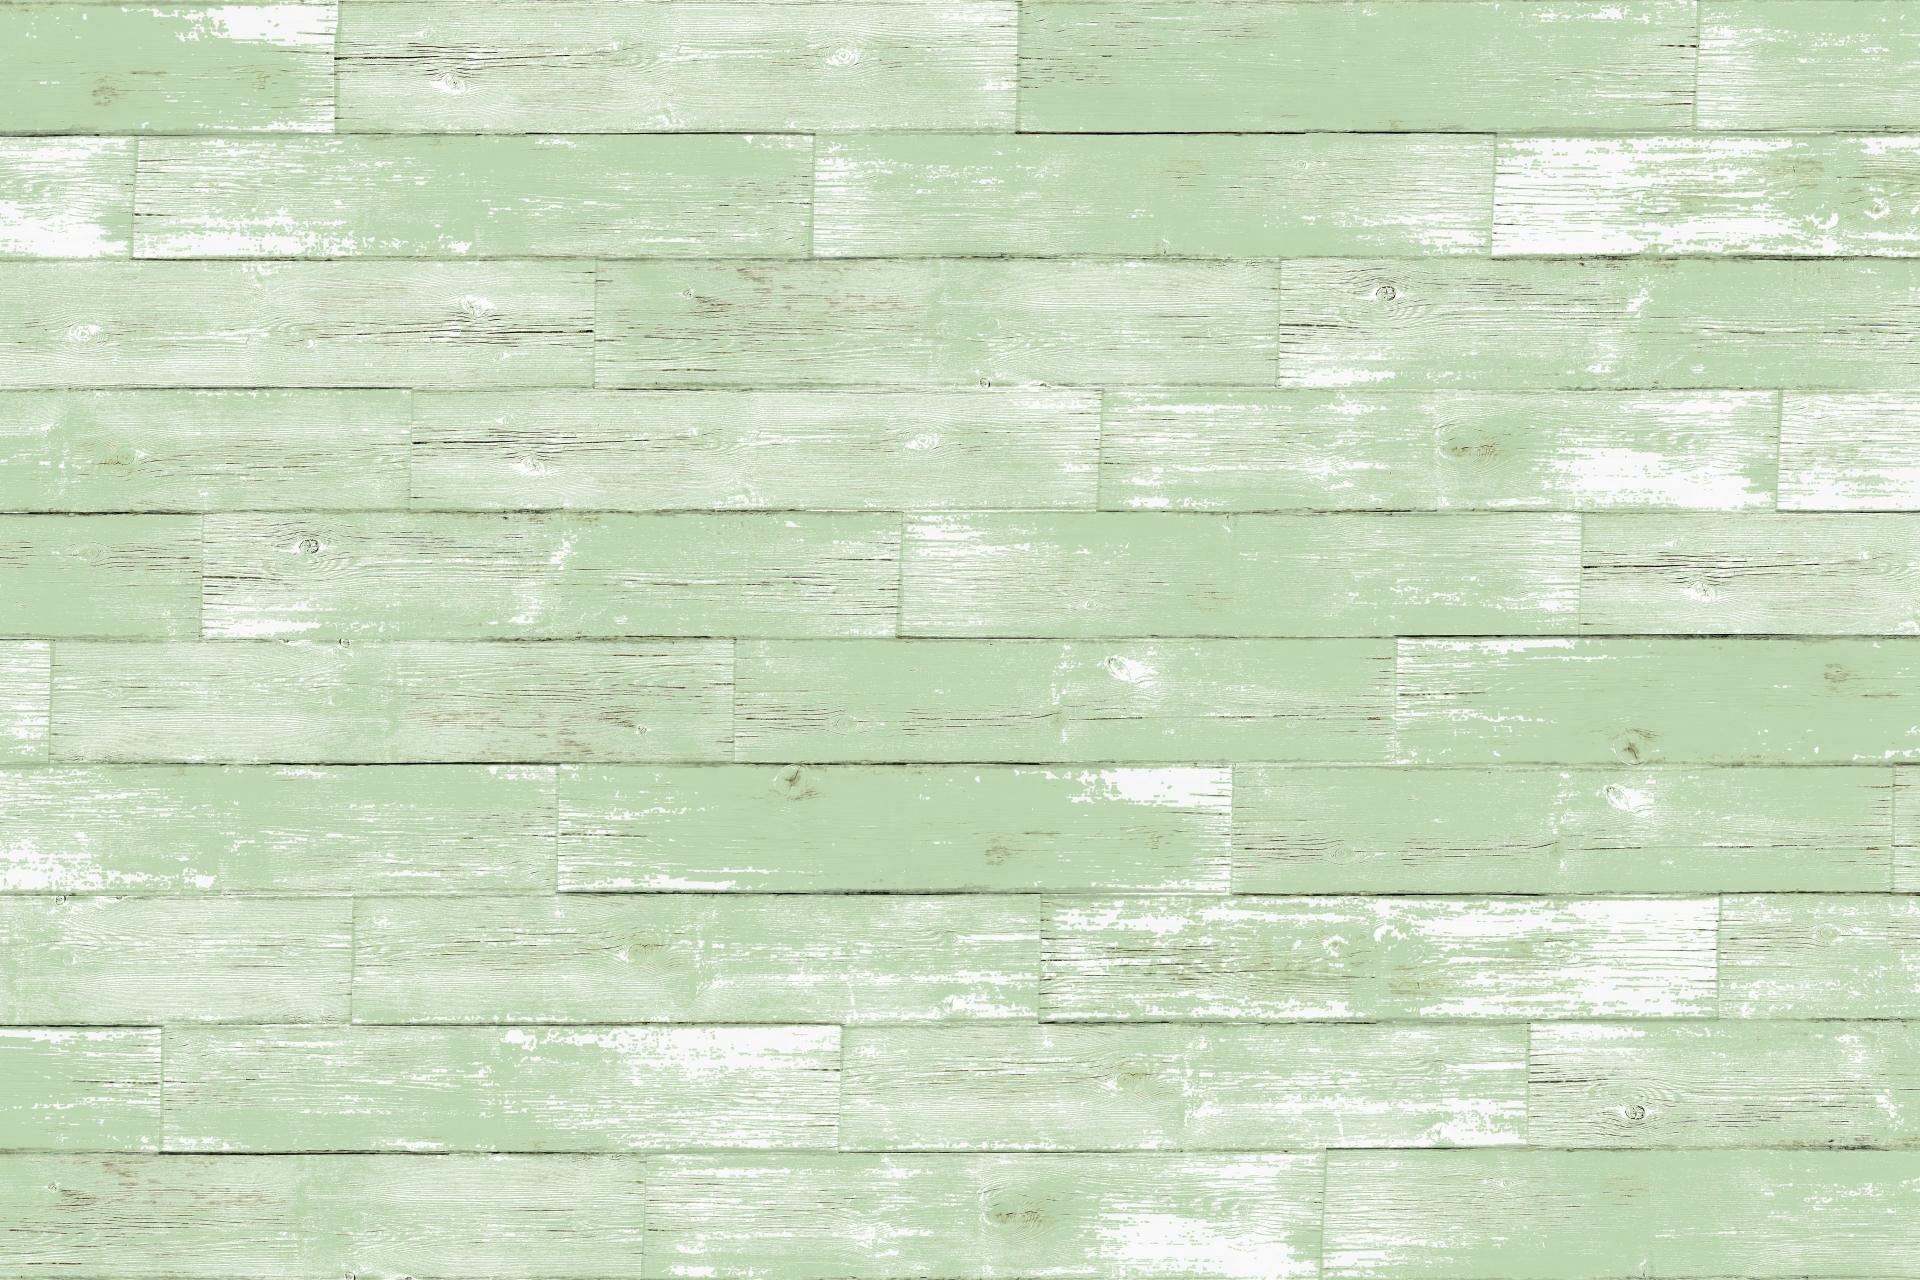 外壁 塗装 減価 償却 国税庁